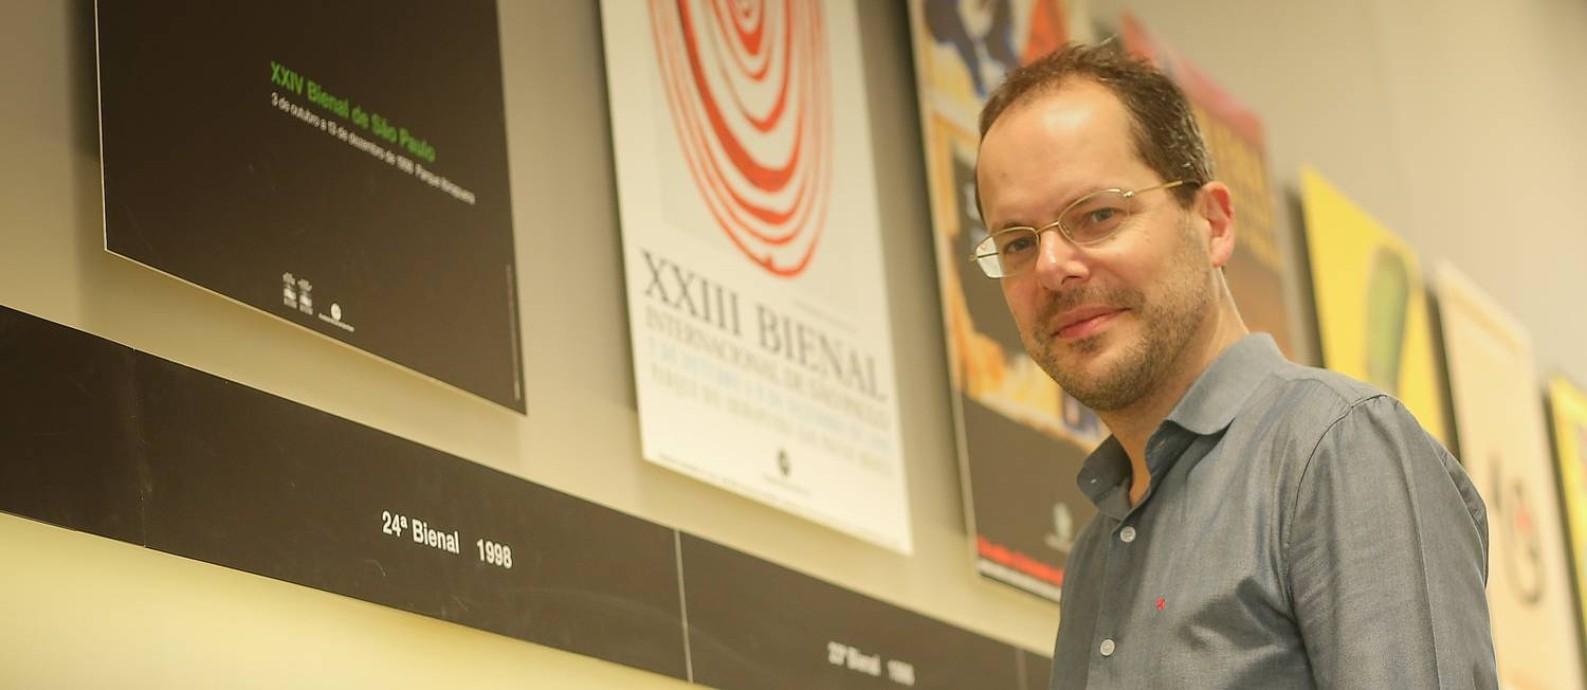 Gabriel Pérez-Barreiro, novo curador da Bienal de São Paulo Foto: Marcos Alves / O Globo